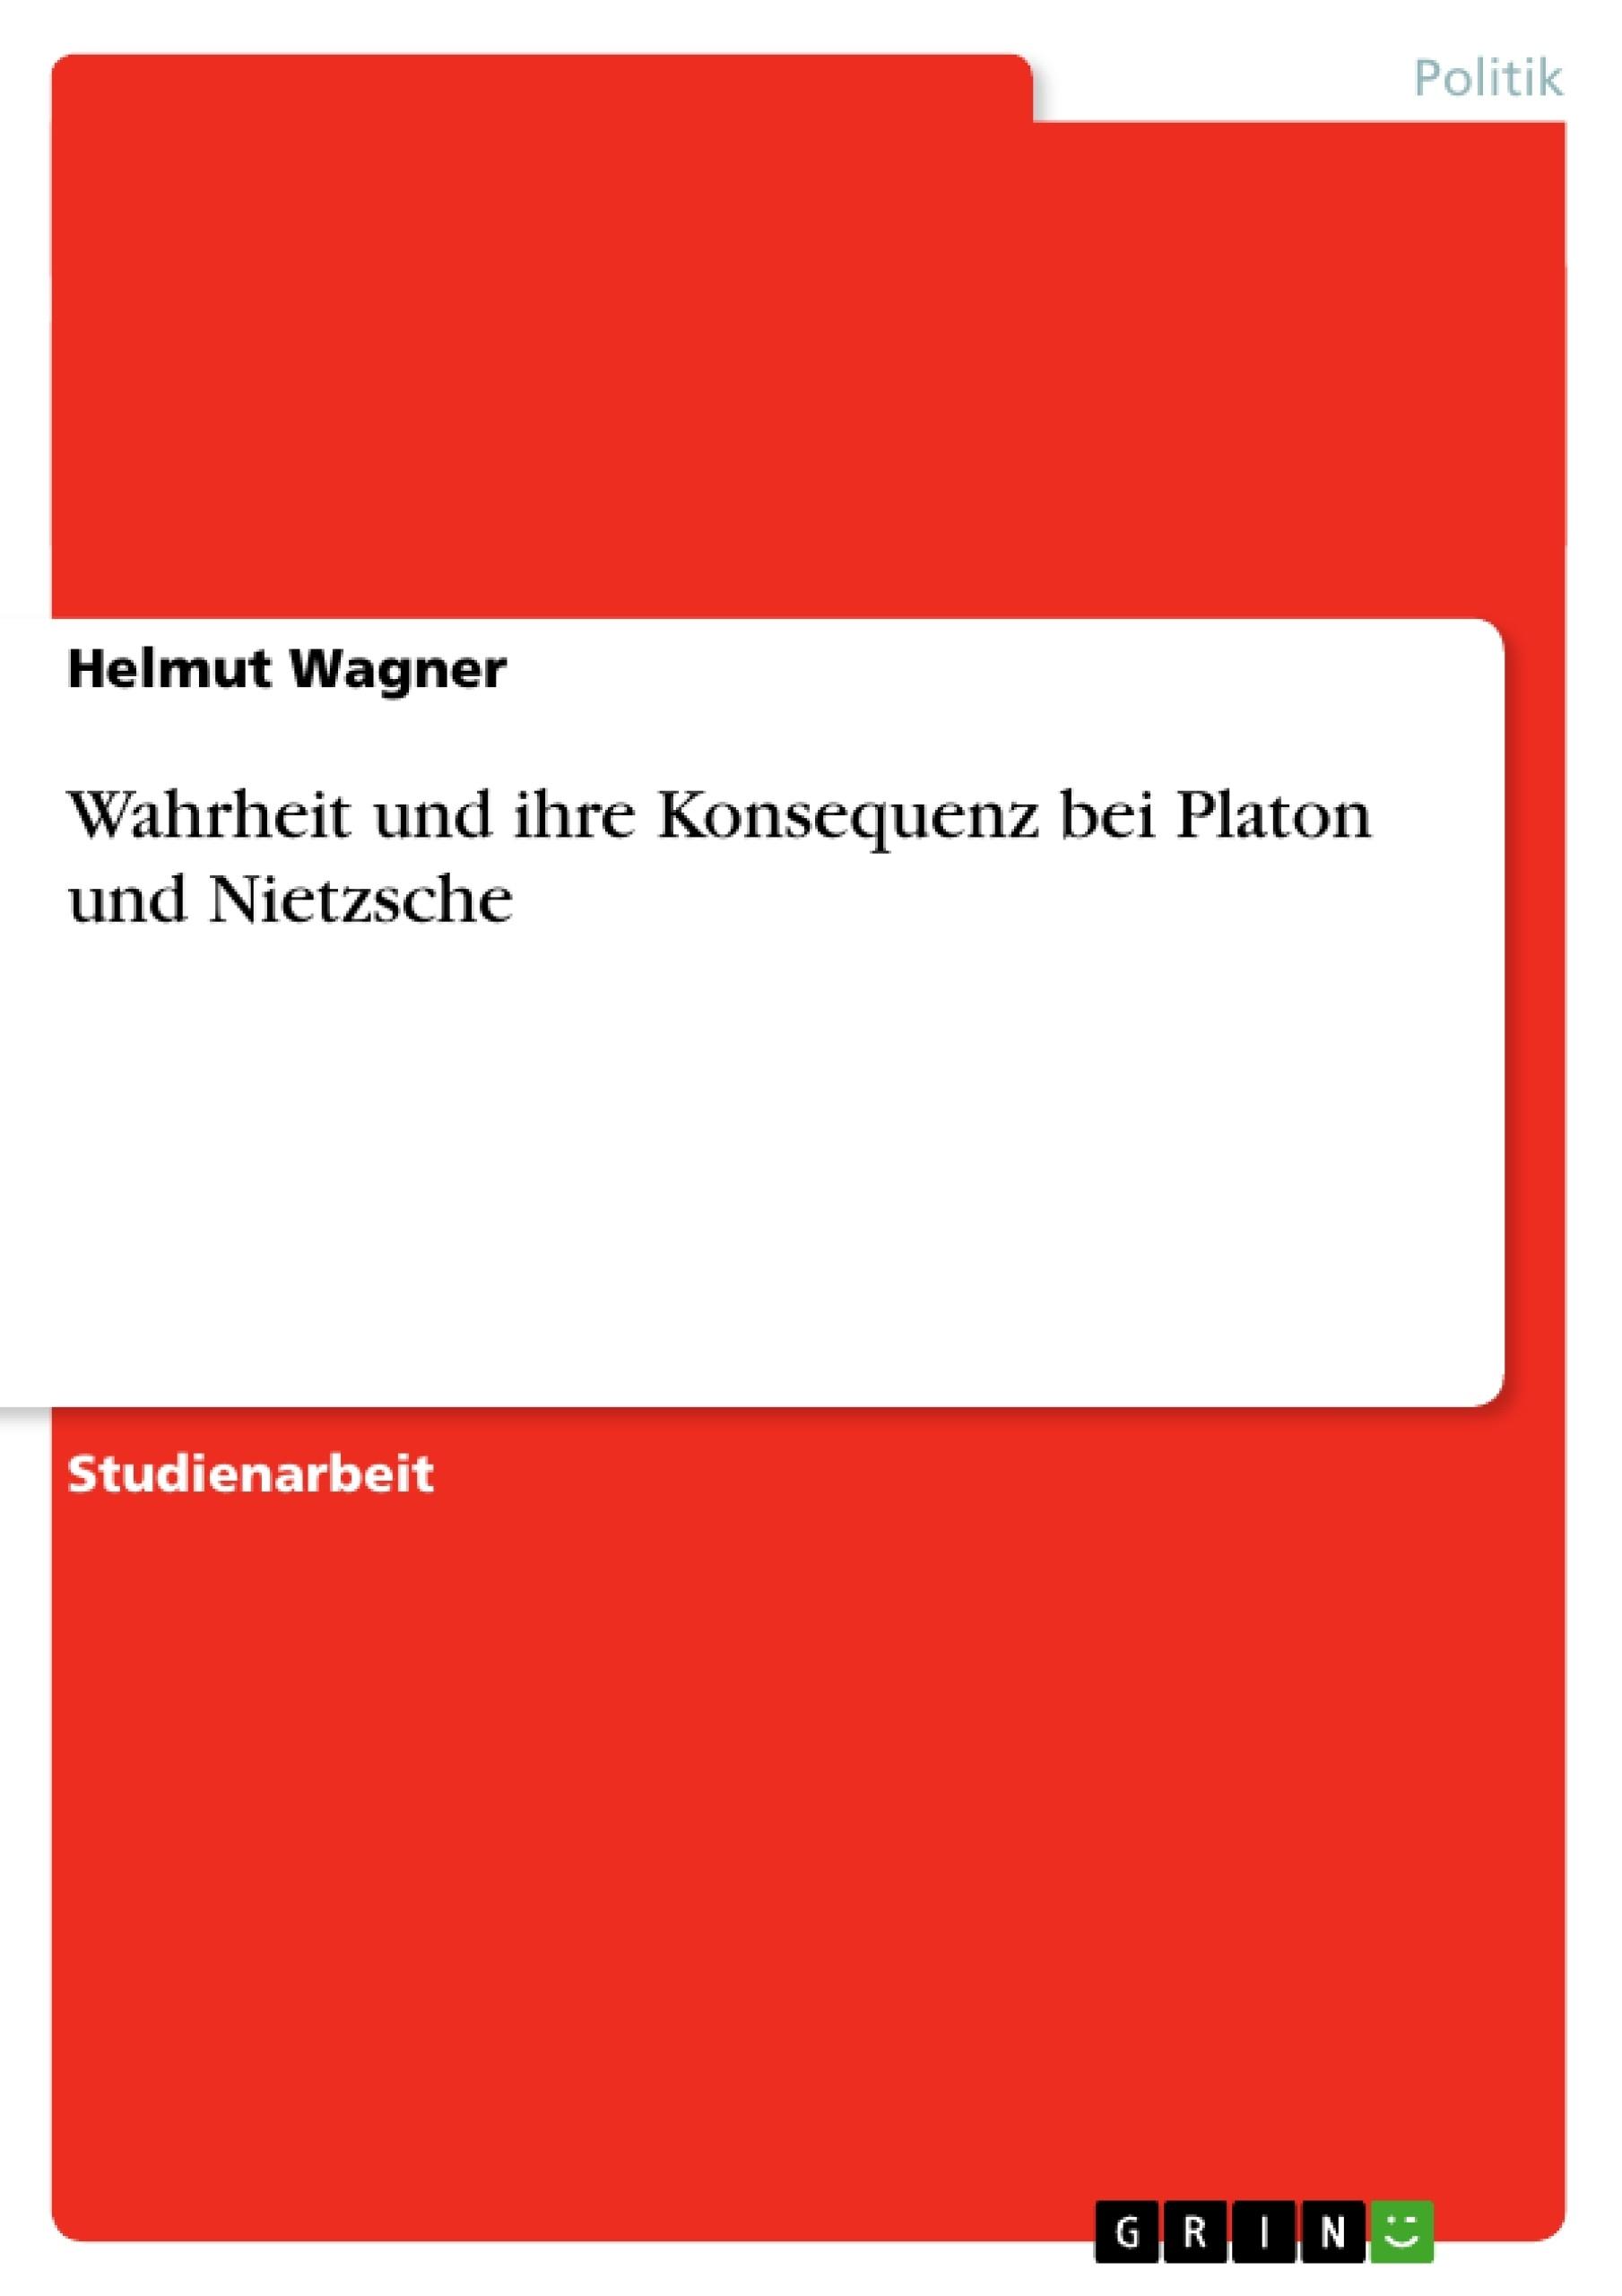 Titel: Wahrheit und ihre Konsequenz bei Platon und Nietzsche